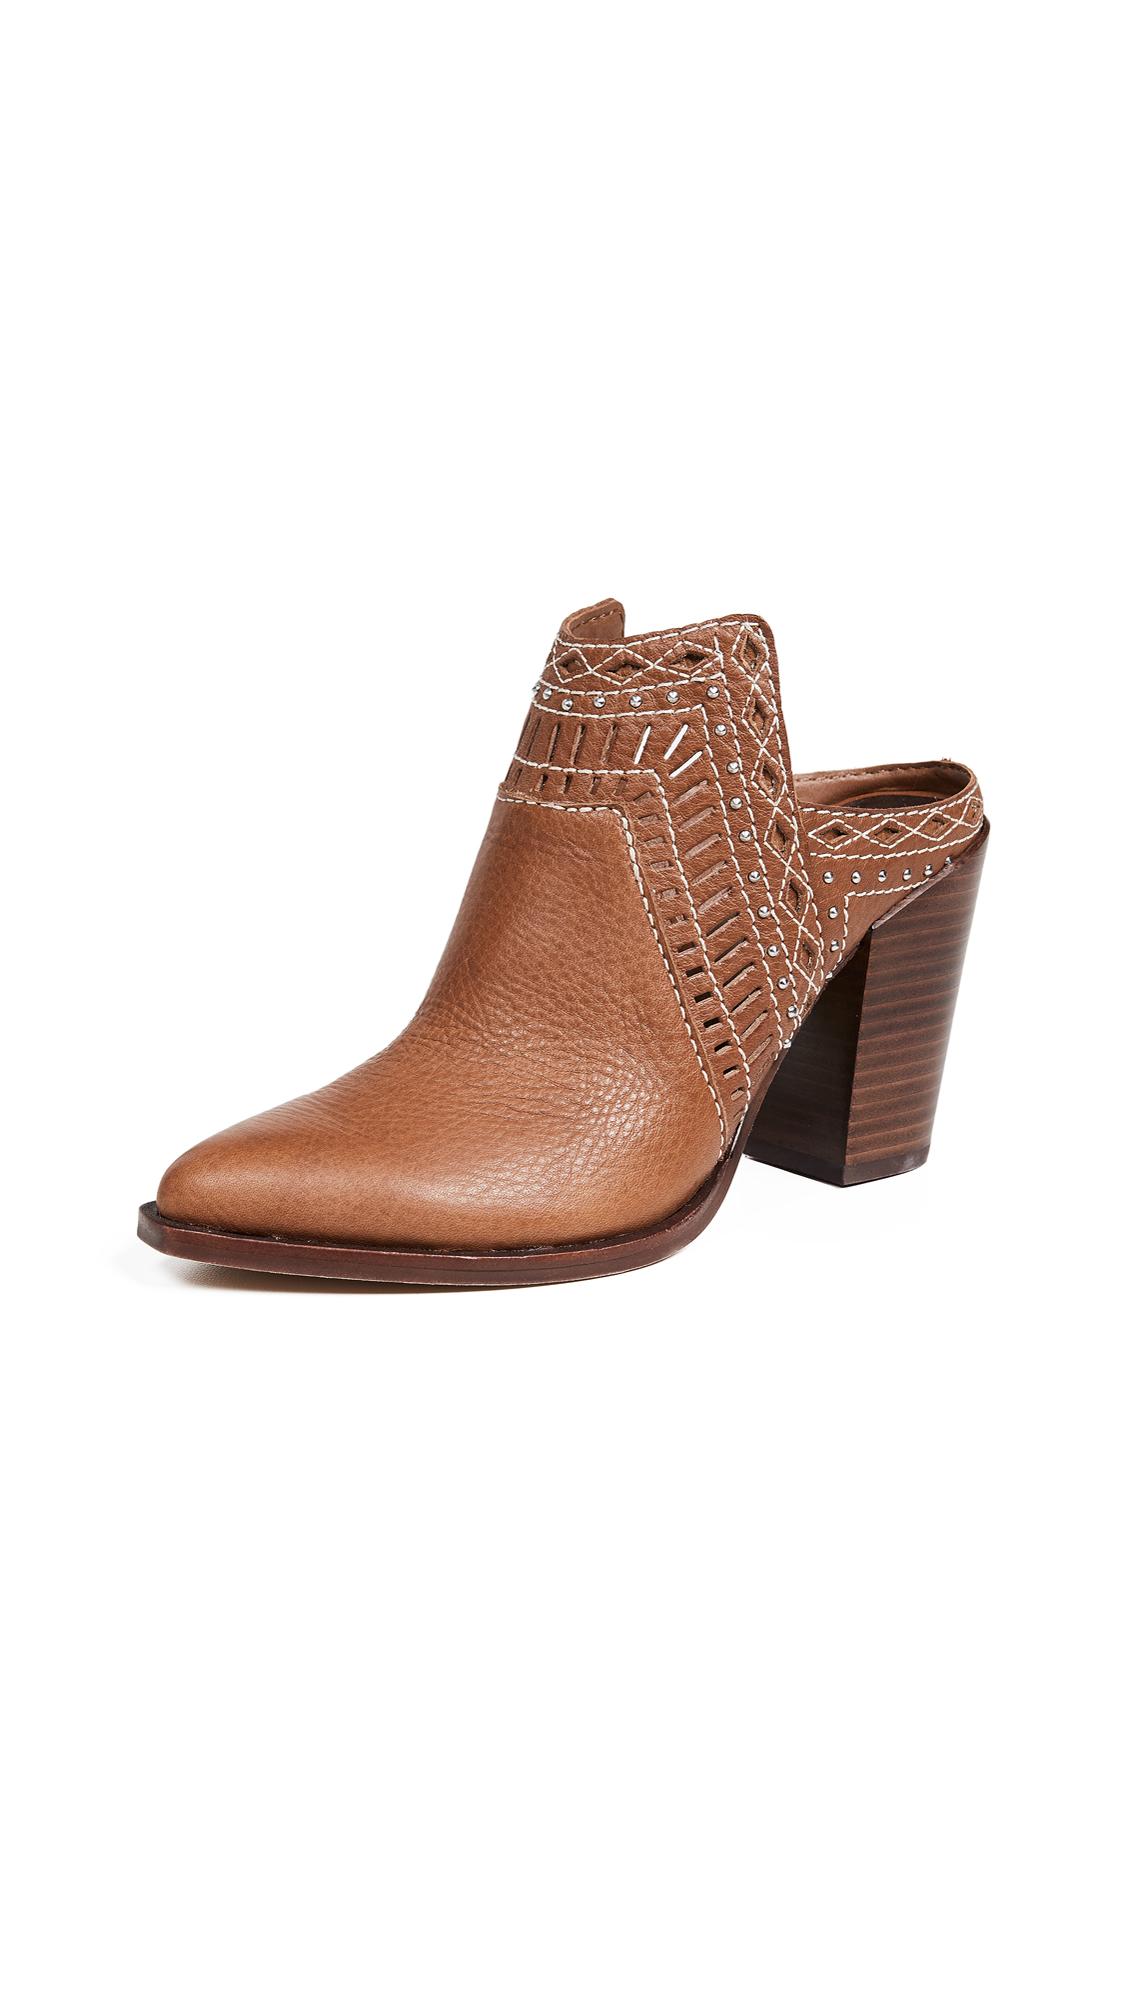 Dolce Vita Khia Block Heel Mules - Brown